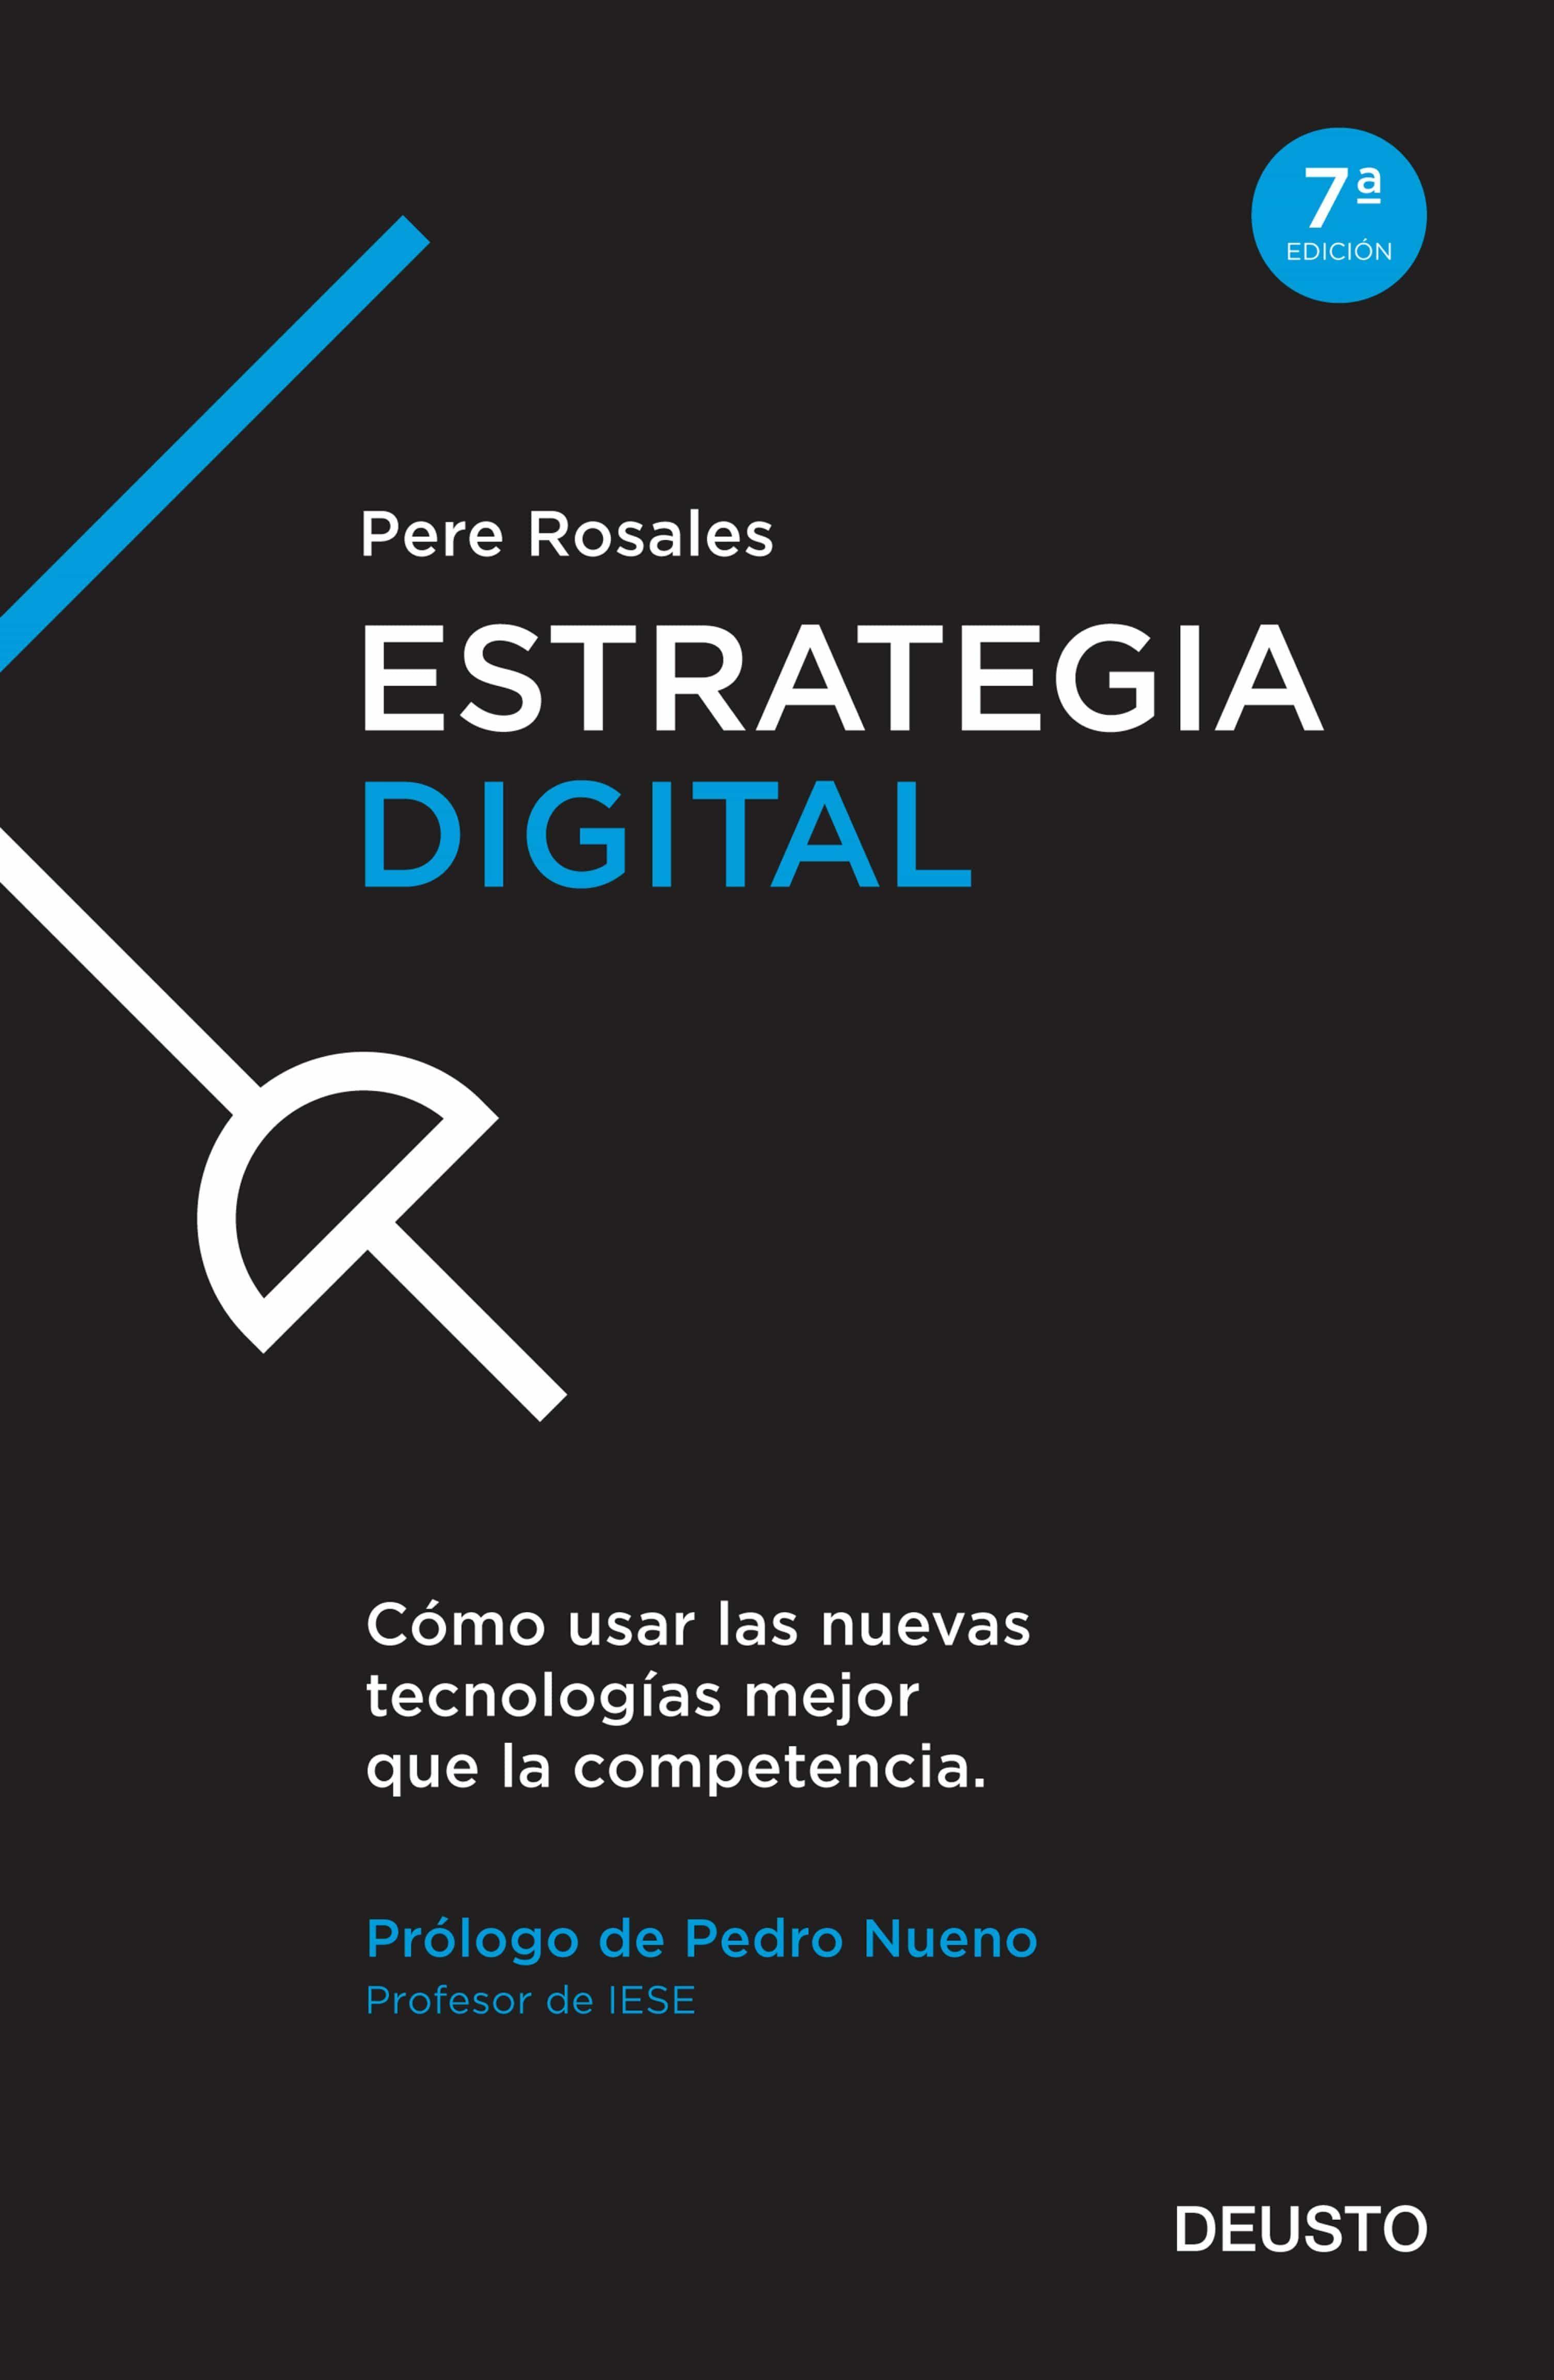 estrategia digital pere rosales pdf descargar gratis